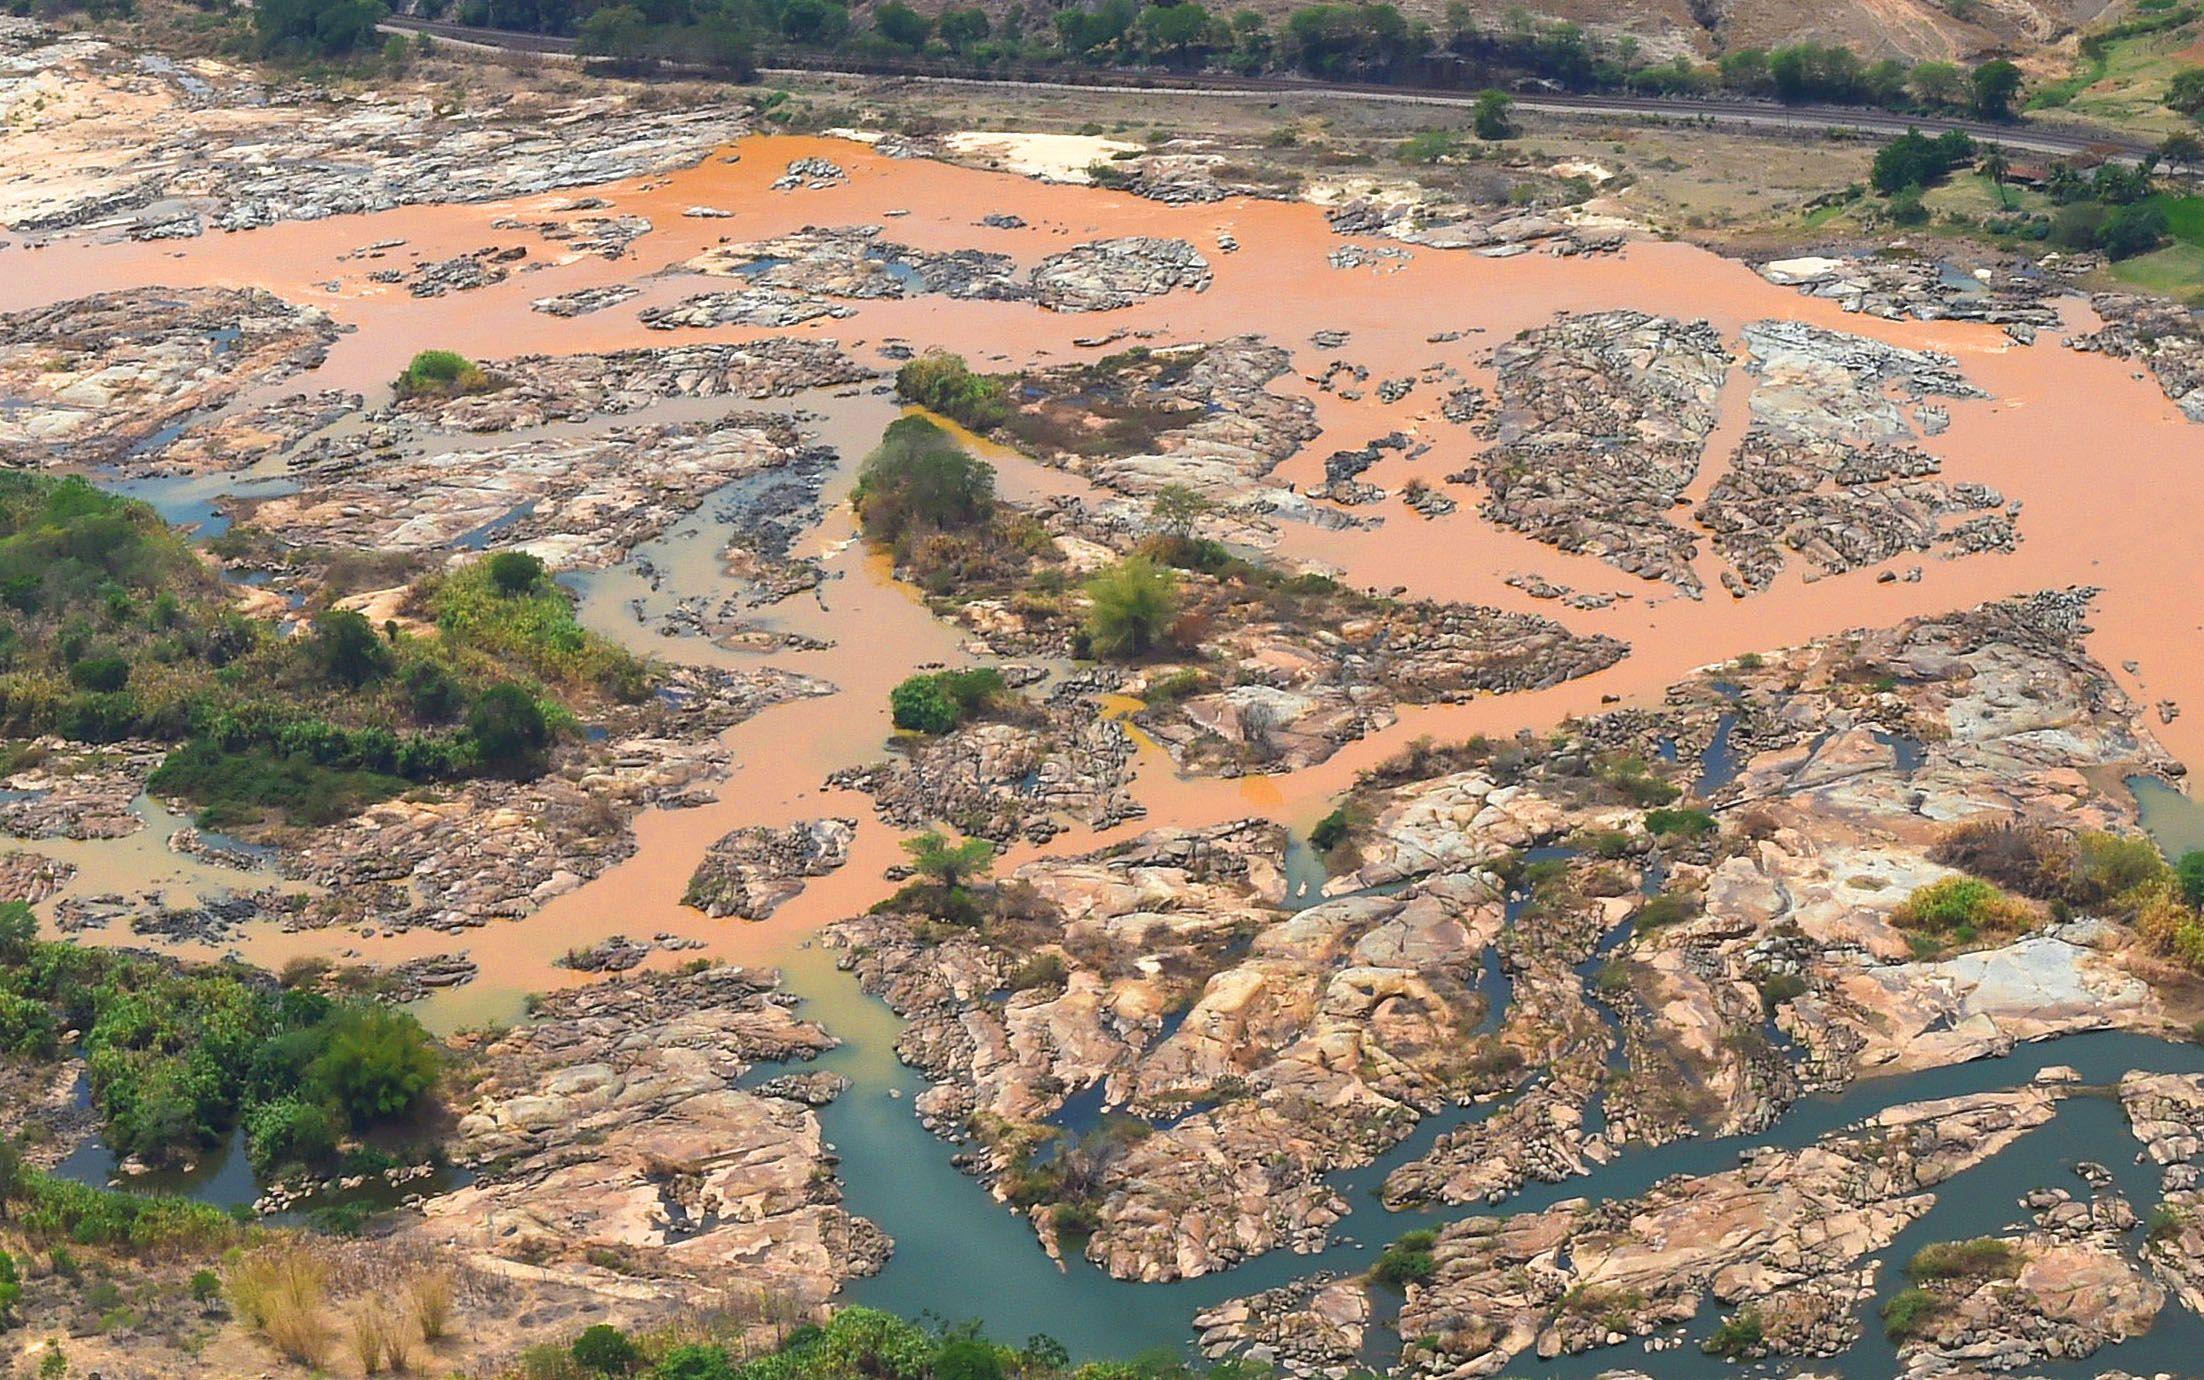 3a148c70d42 Empresa busca licença para extrair ouro em área afetada pela tragédia de  Mariana